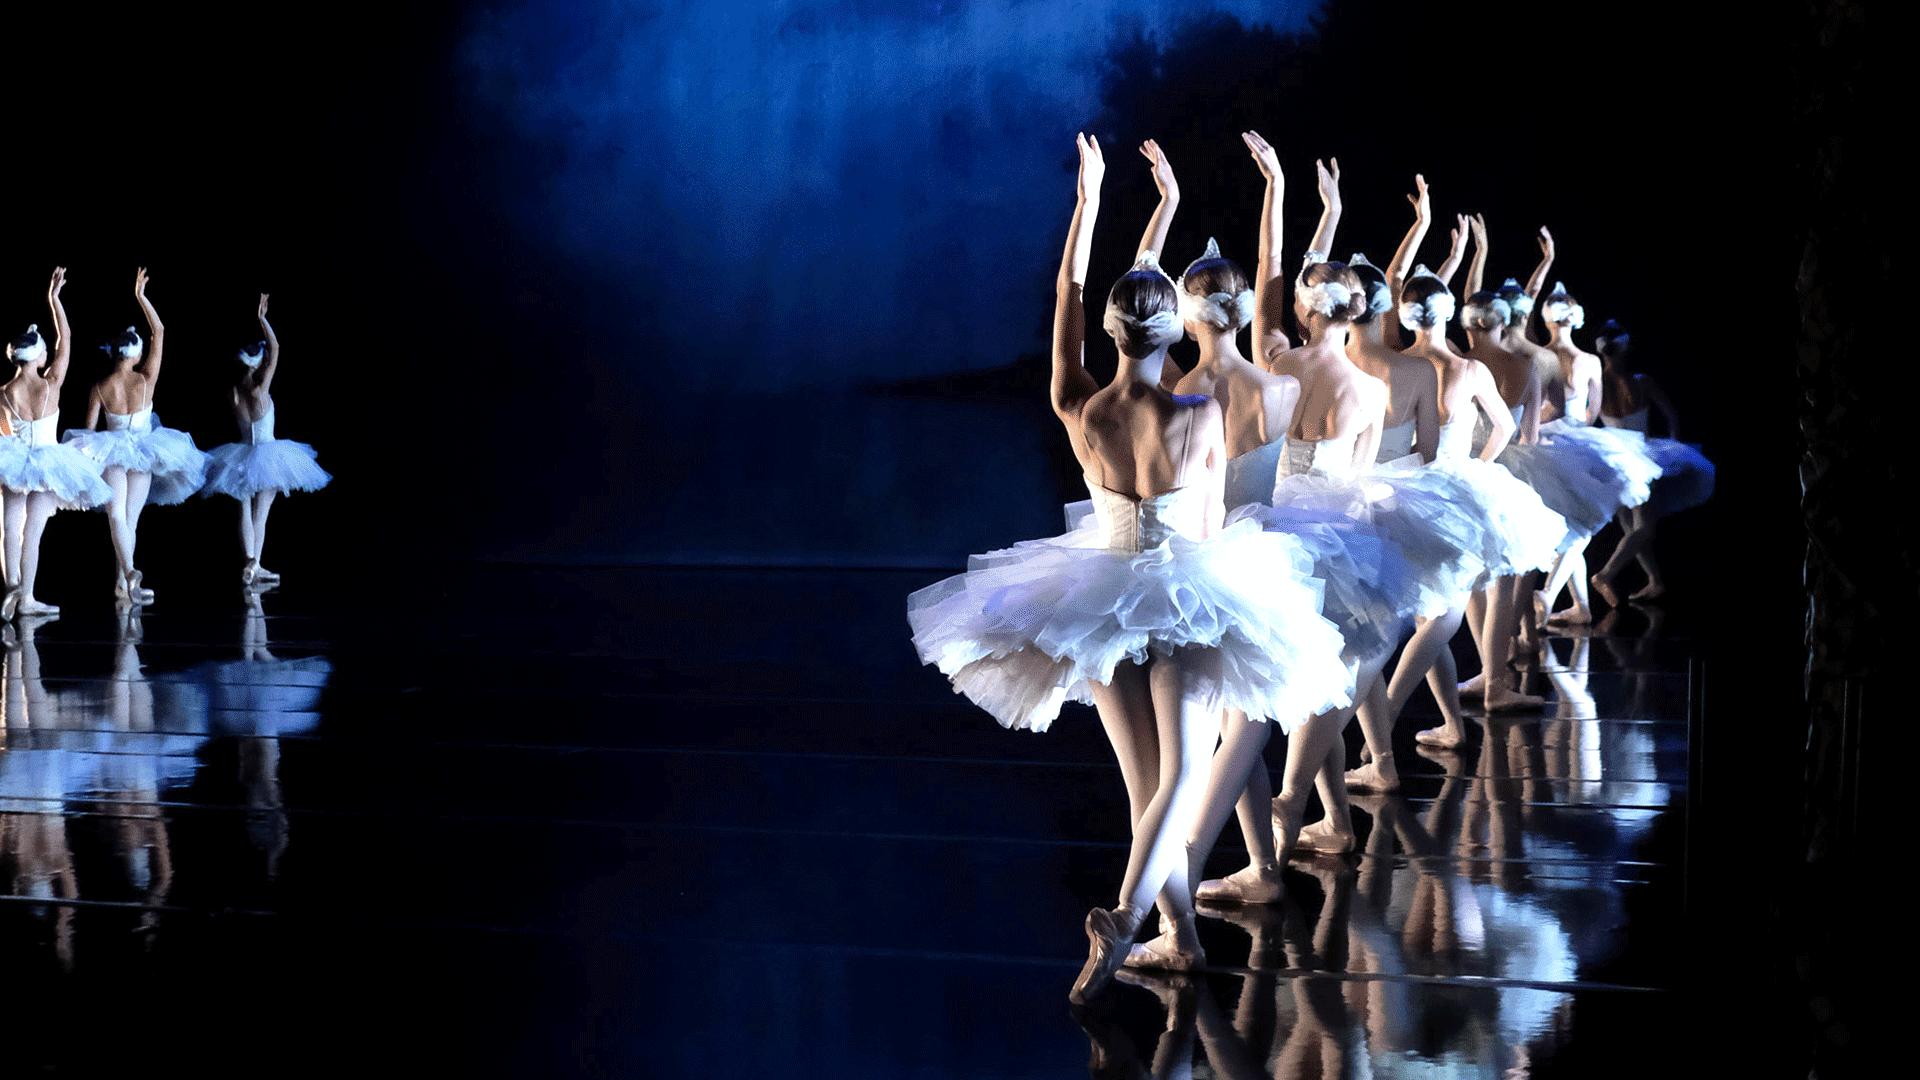 L'Opéra : OCS prépare la rentrée avec sa nouvelle série originale